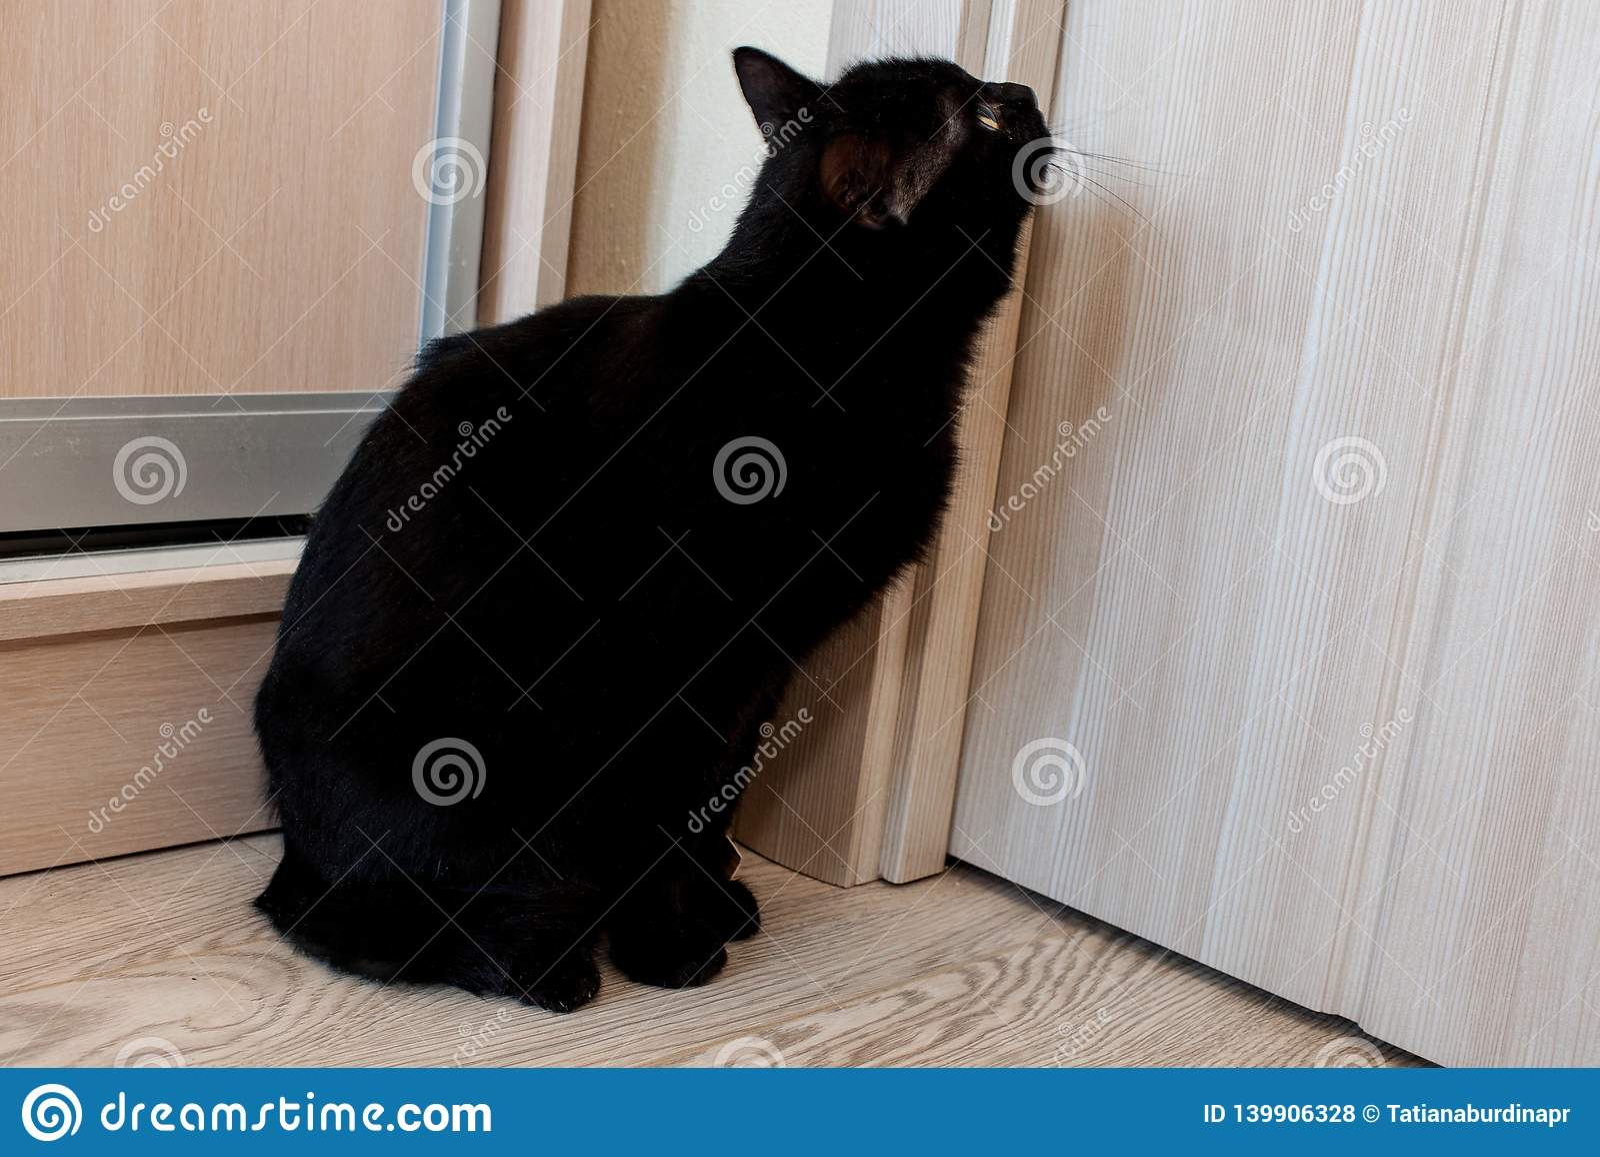 Μια απολύτως μαύρη γάτα κάθεται από την πόρτα και περιμένει την να ανοίξει